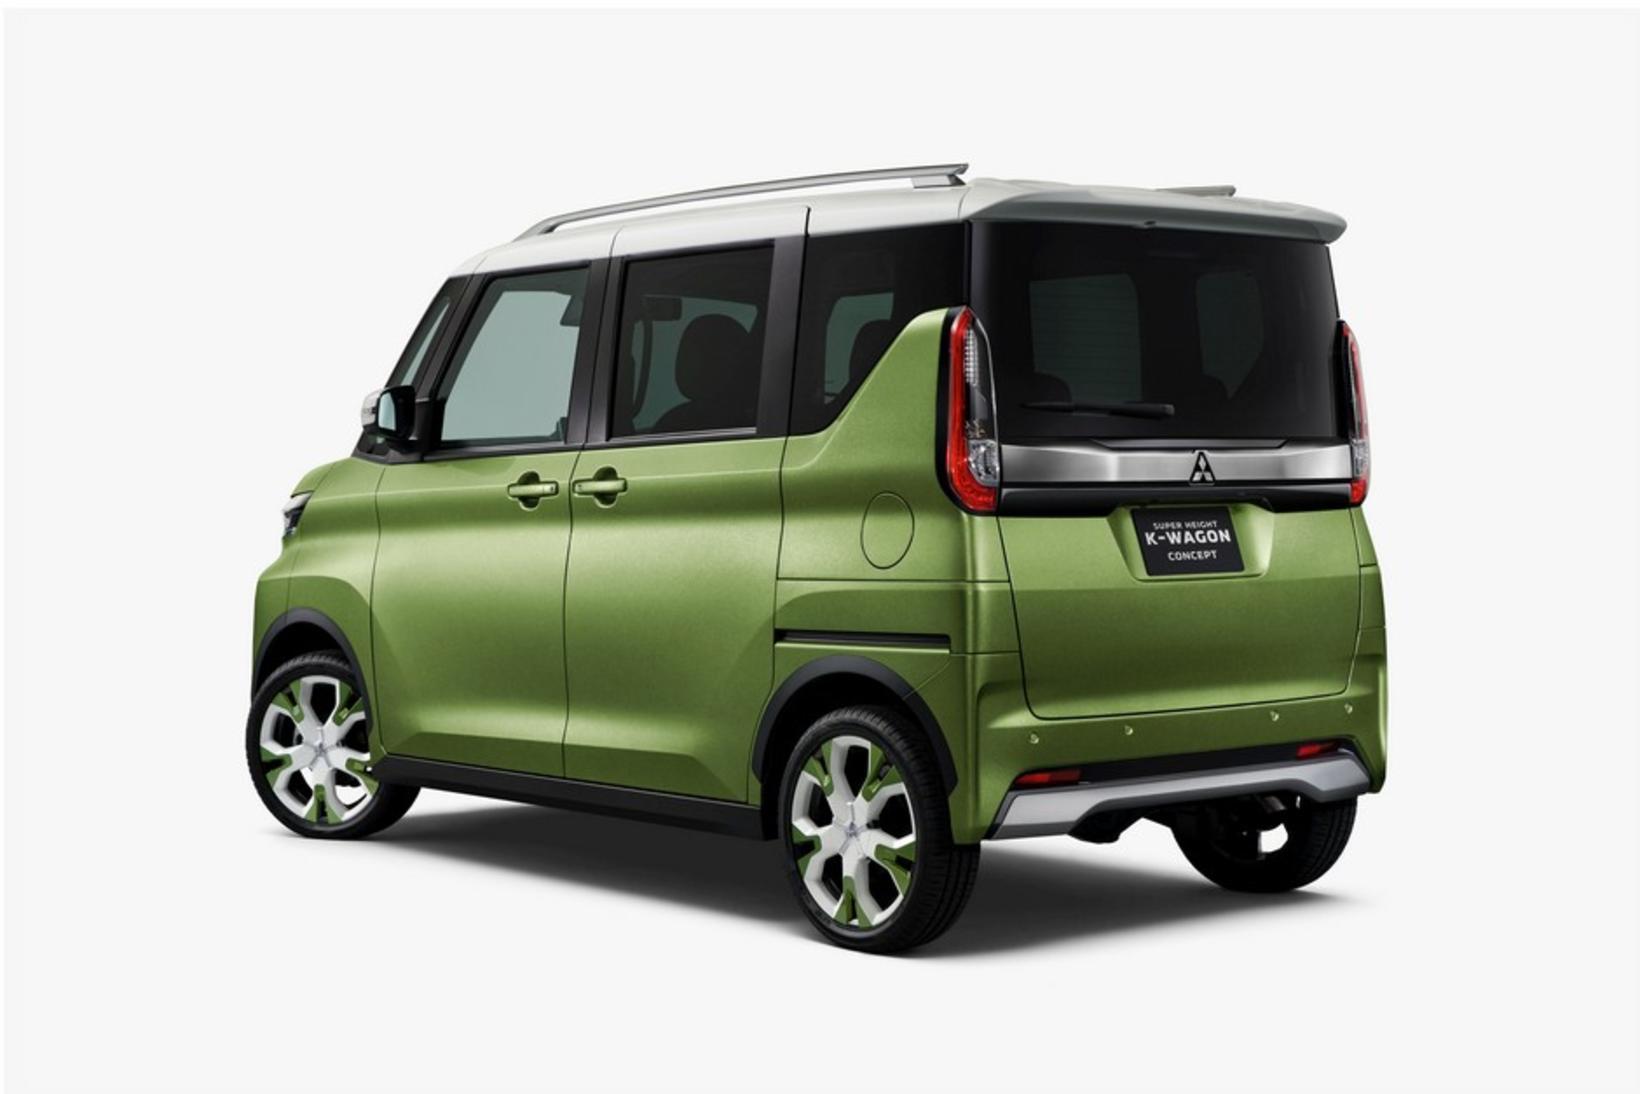 Mitsubishi K-Wagon